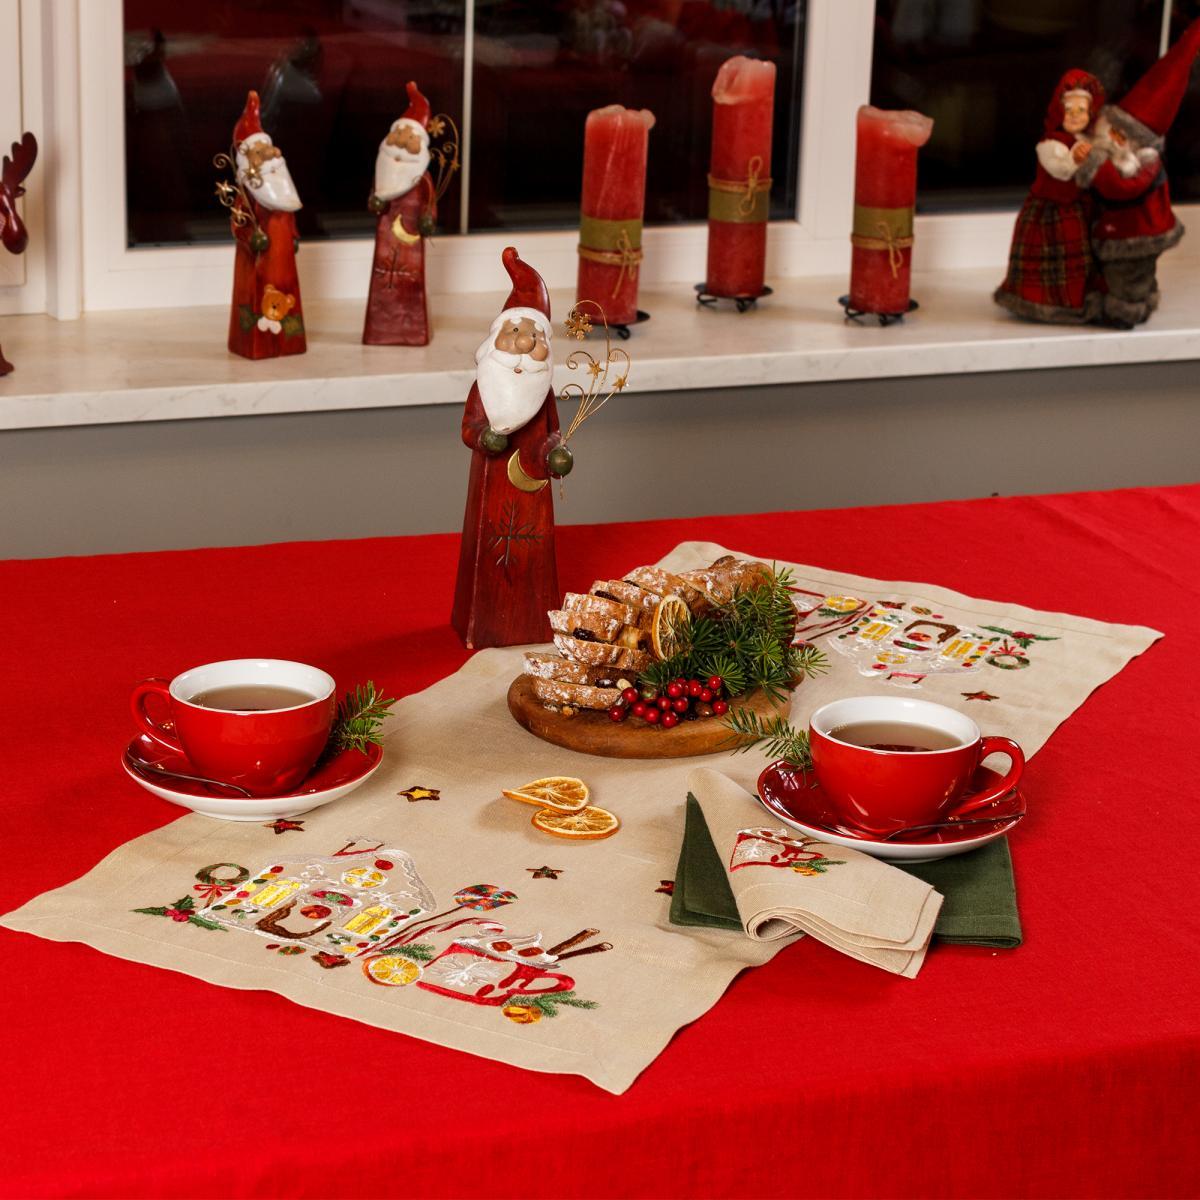 Дорожка (раннер) Льняная на стол Вкус Рождества. Фото №3. | Народный дом Украина